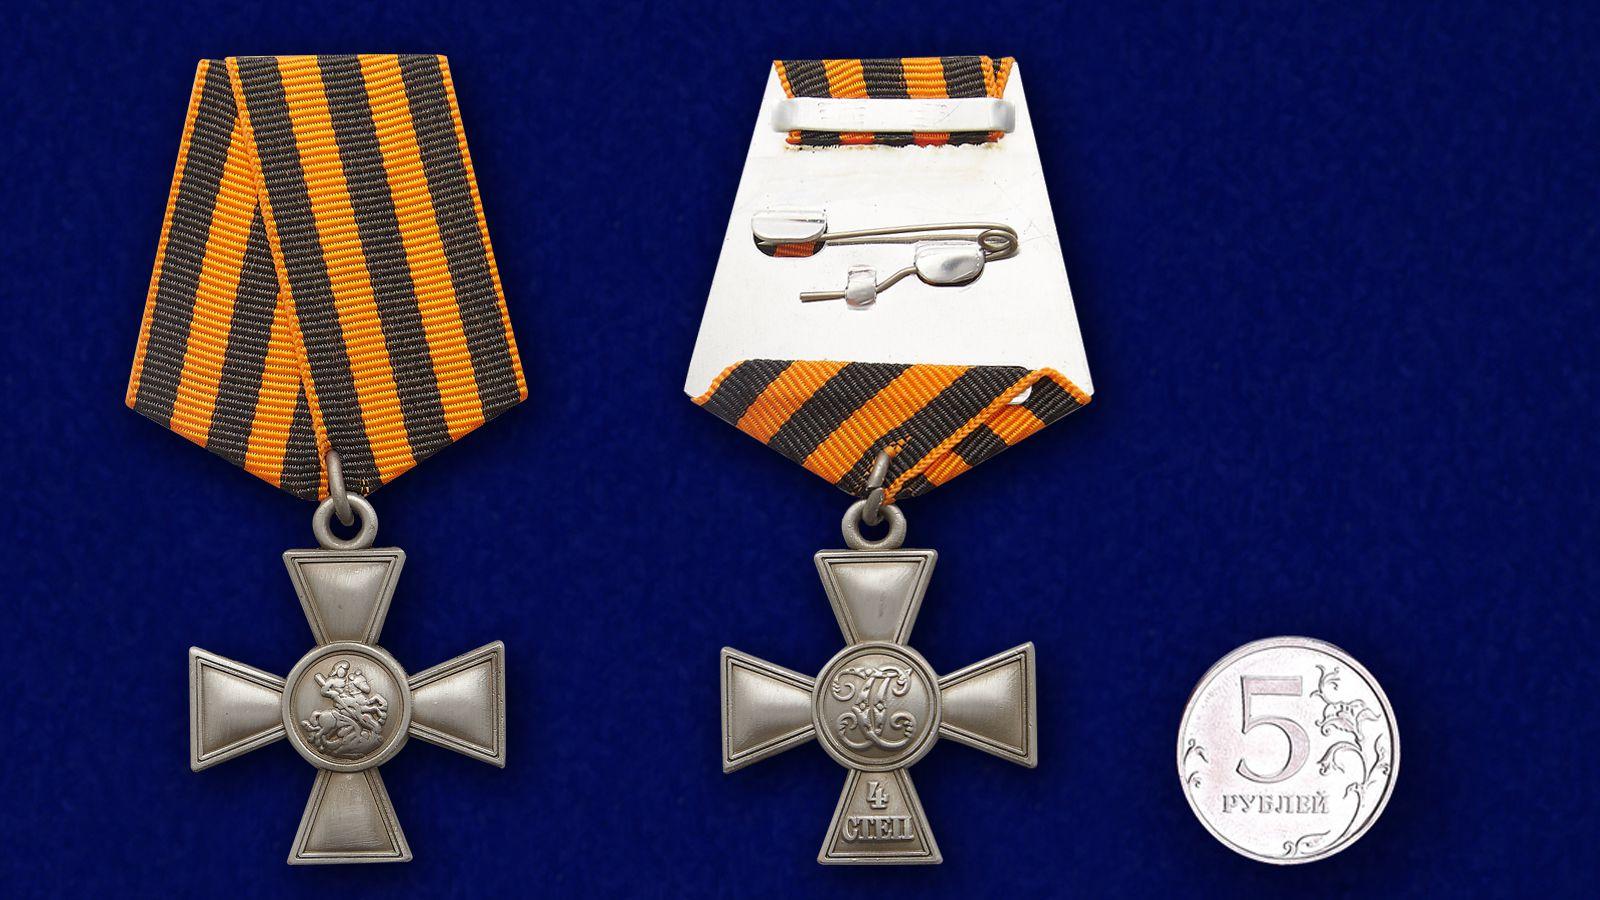 Георгиевский крест IV степени - сравнительный размер